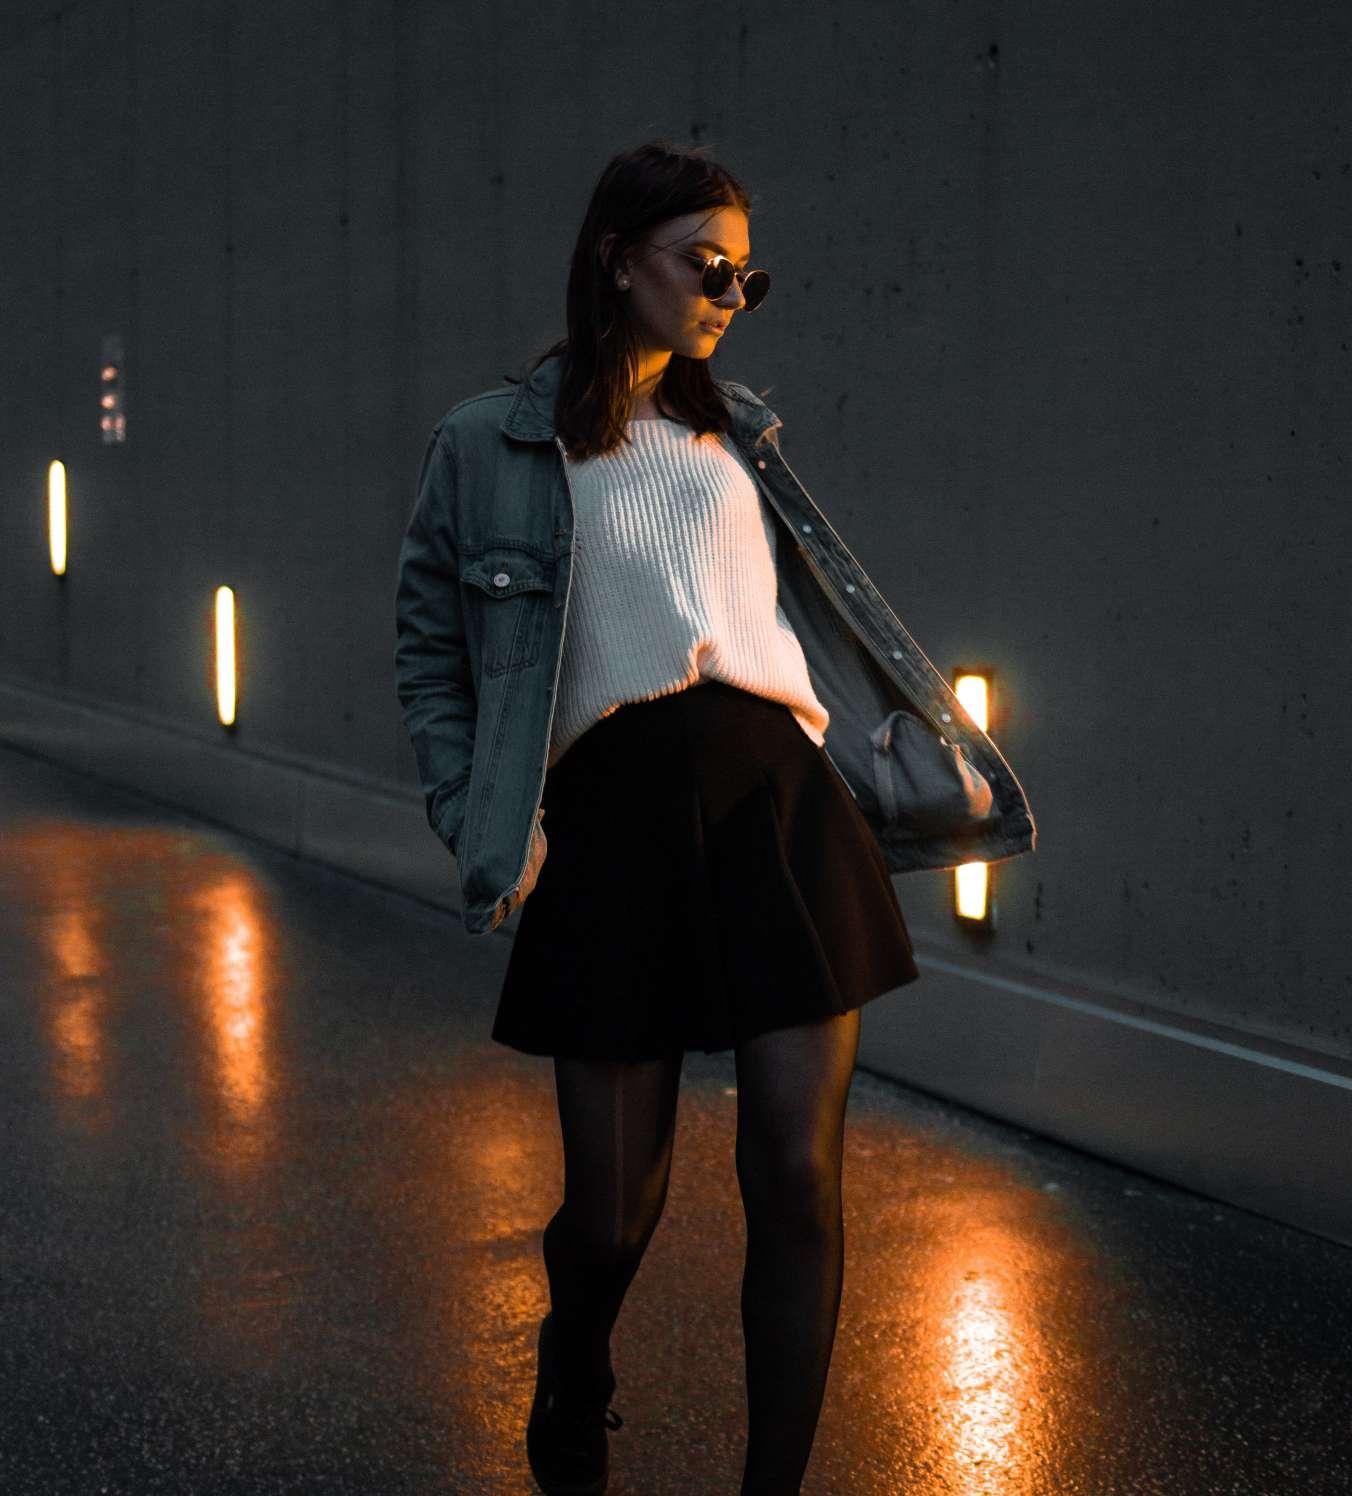 Работа моделью ночью работа для девушек в ночном клубе москва вакансии